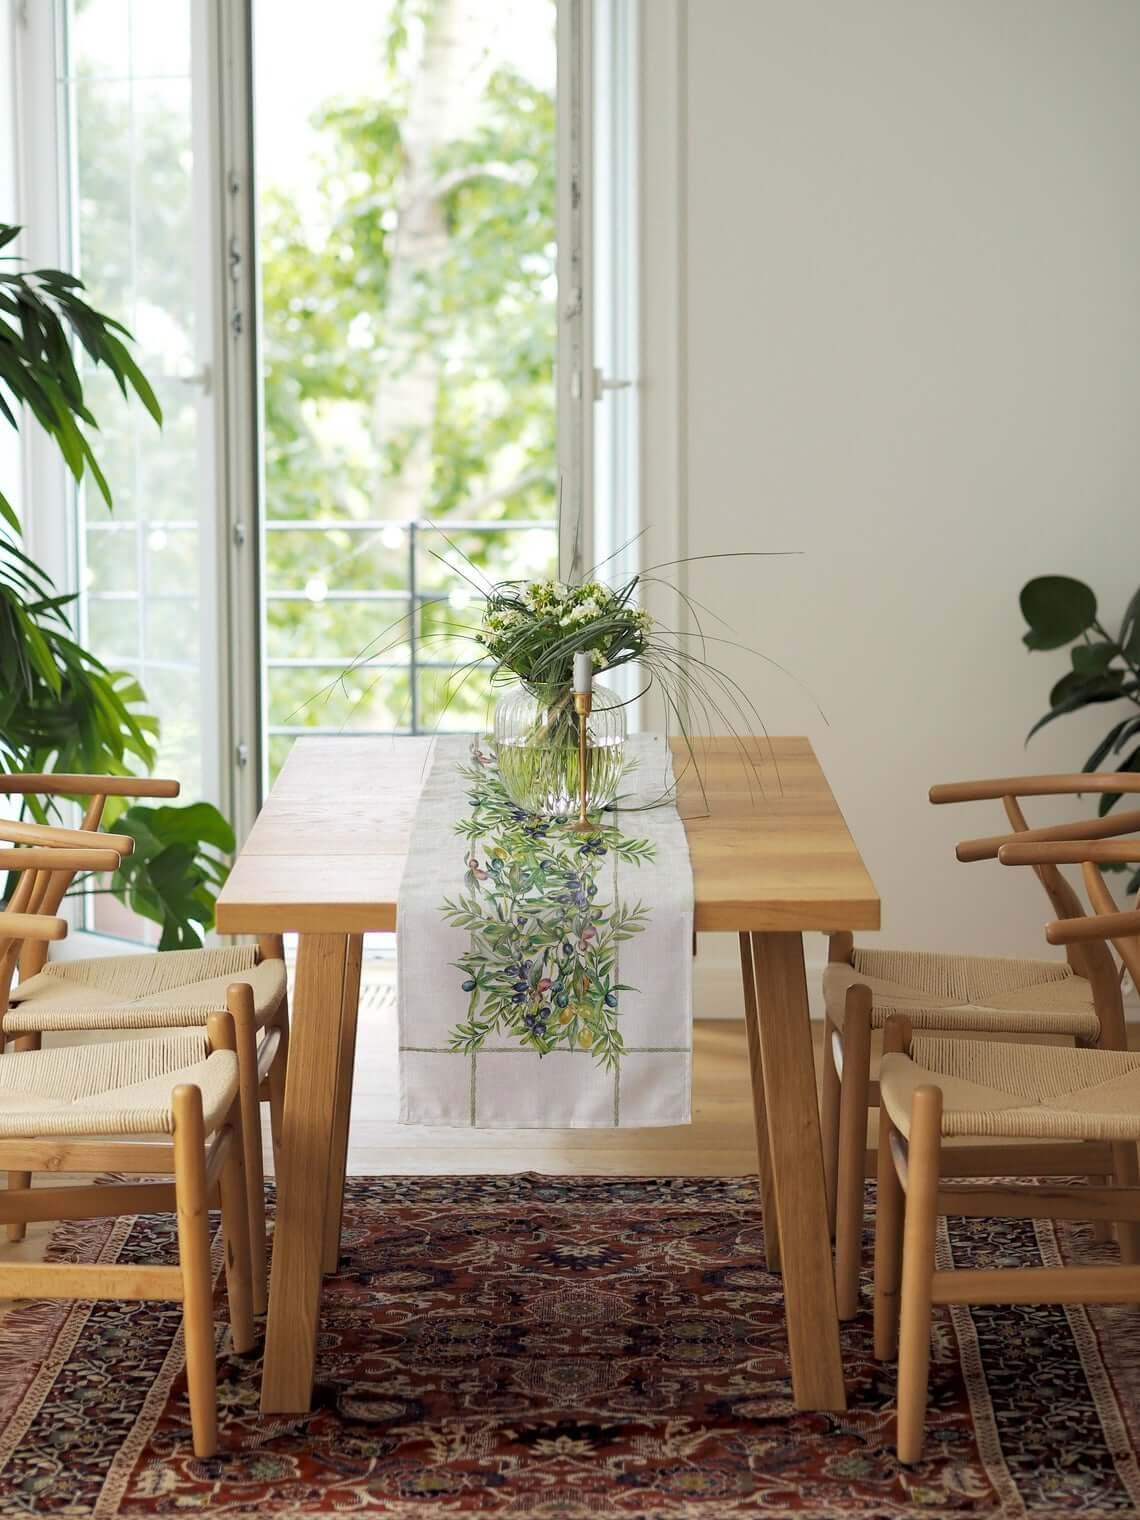 Olive-Themed Artwork Farmhouse Table Runner